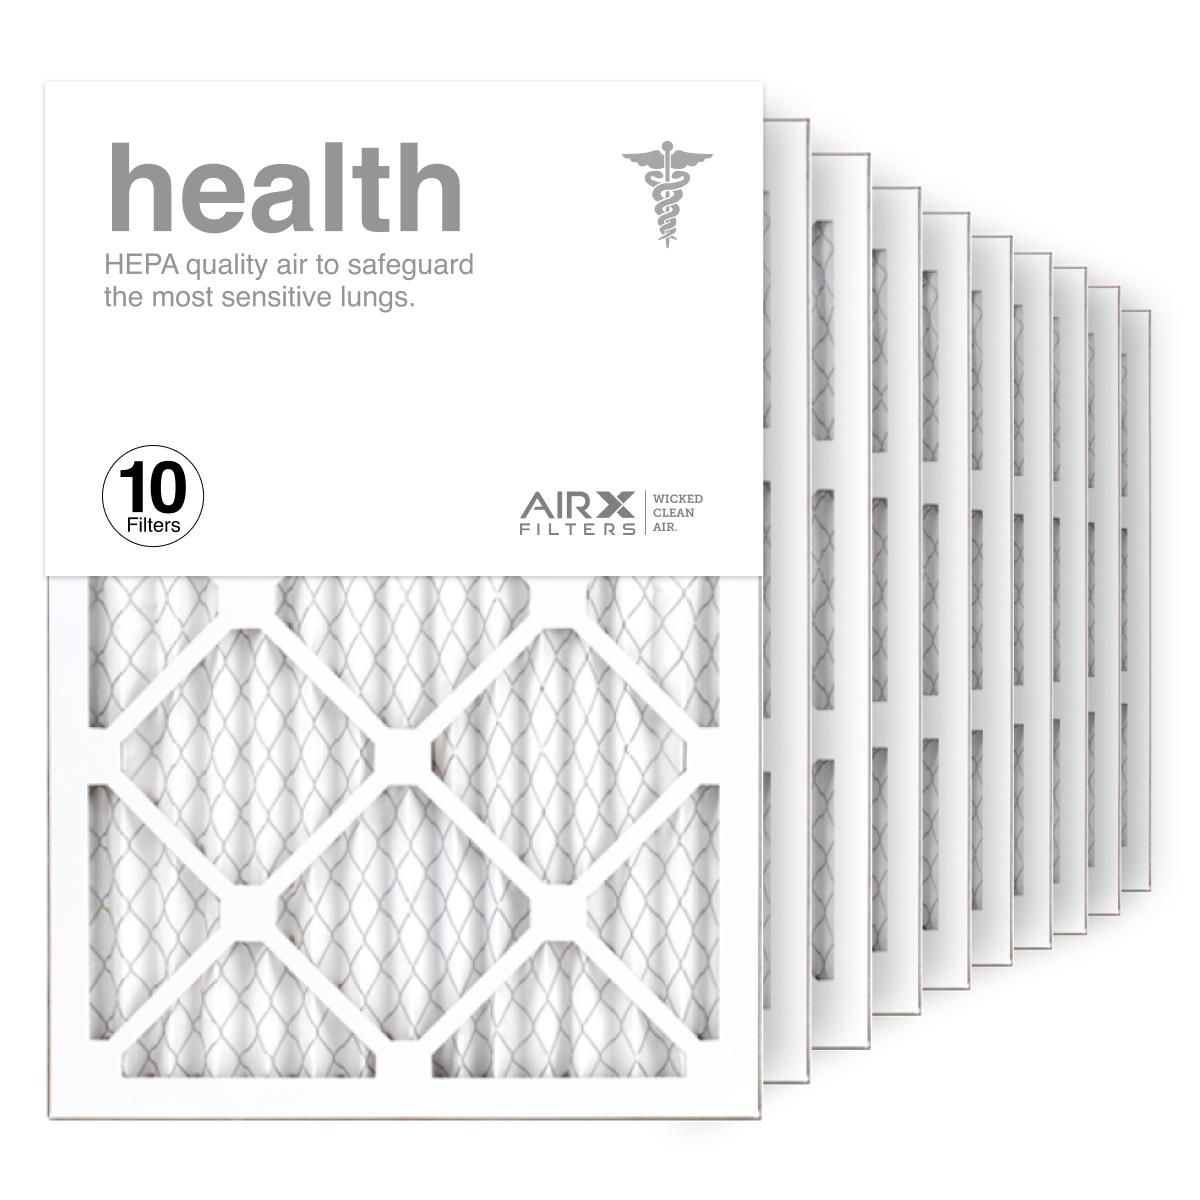 14x20x1 AIRx HEALTH Air Filter, 10-Pack